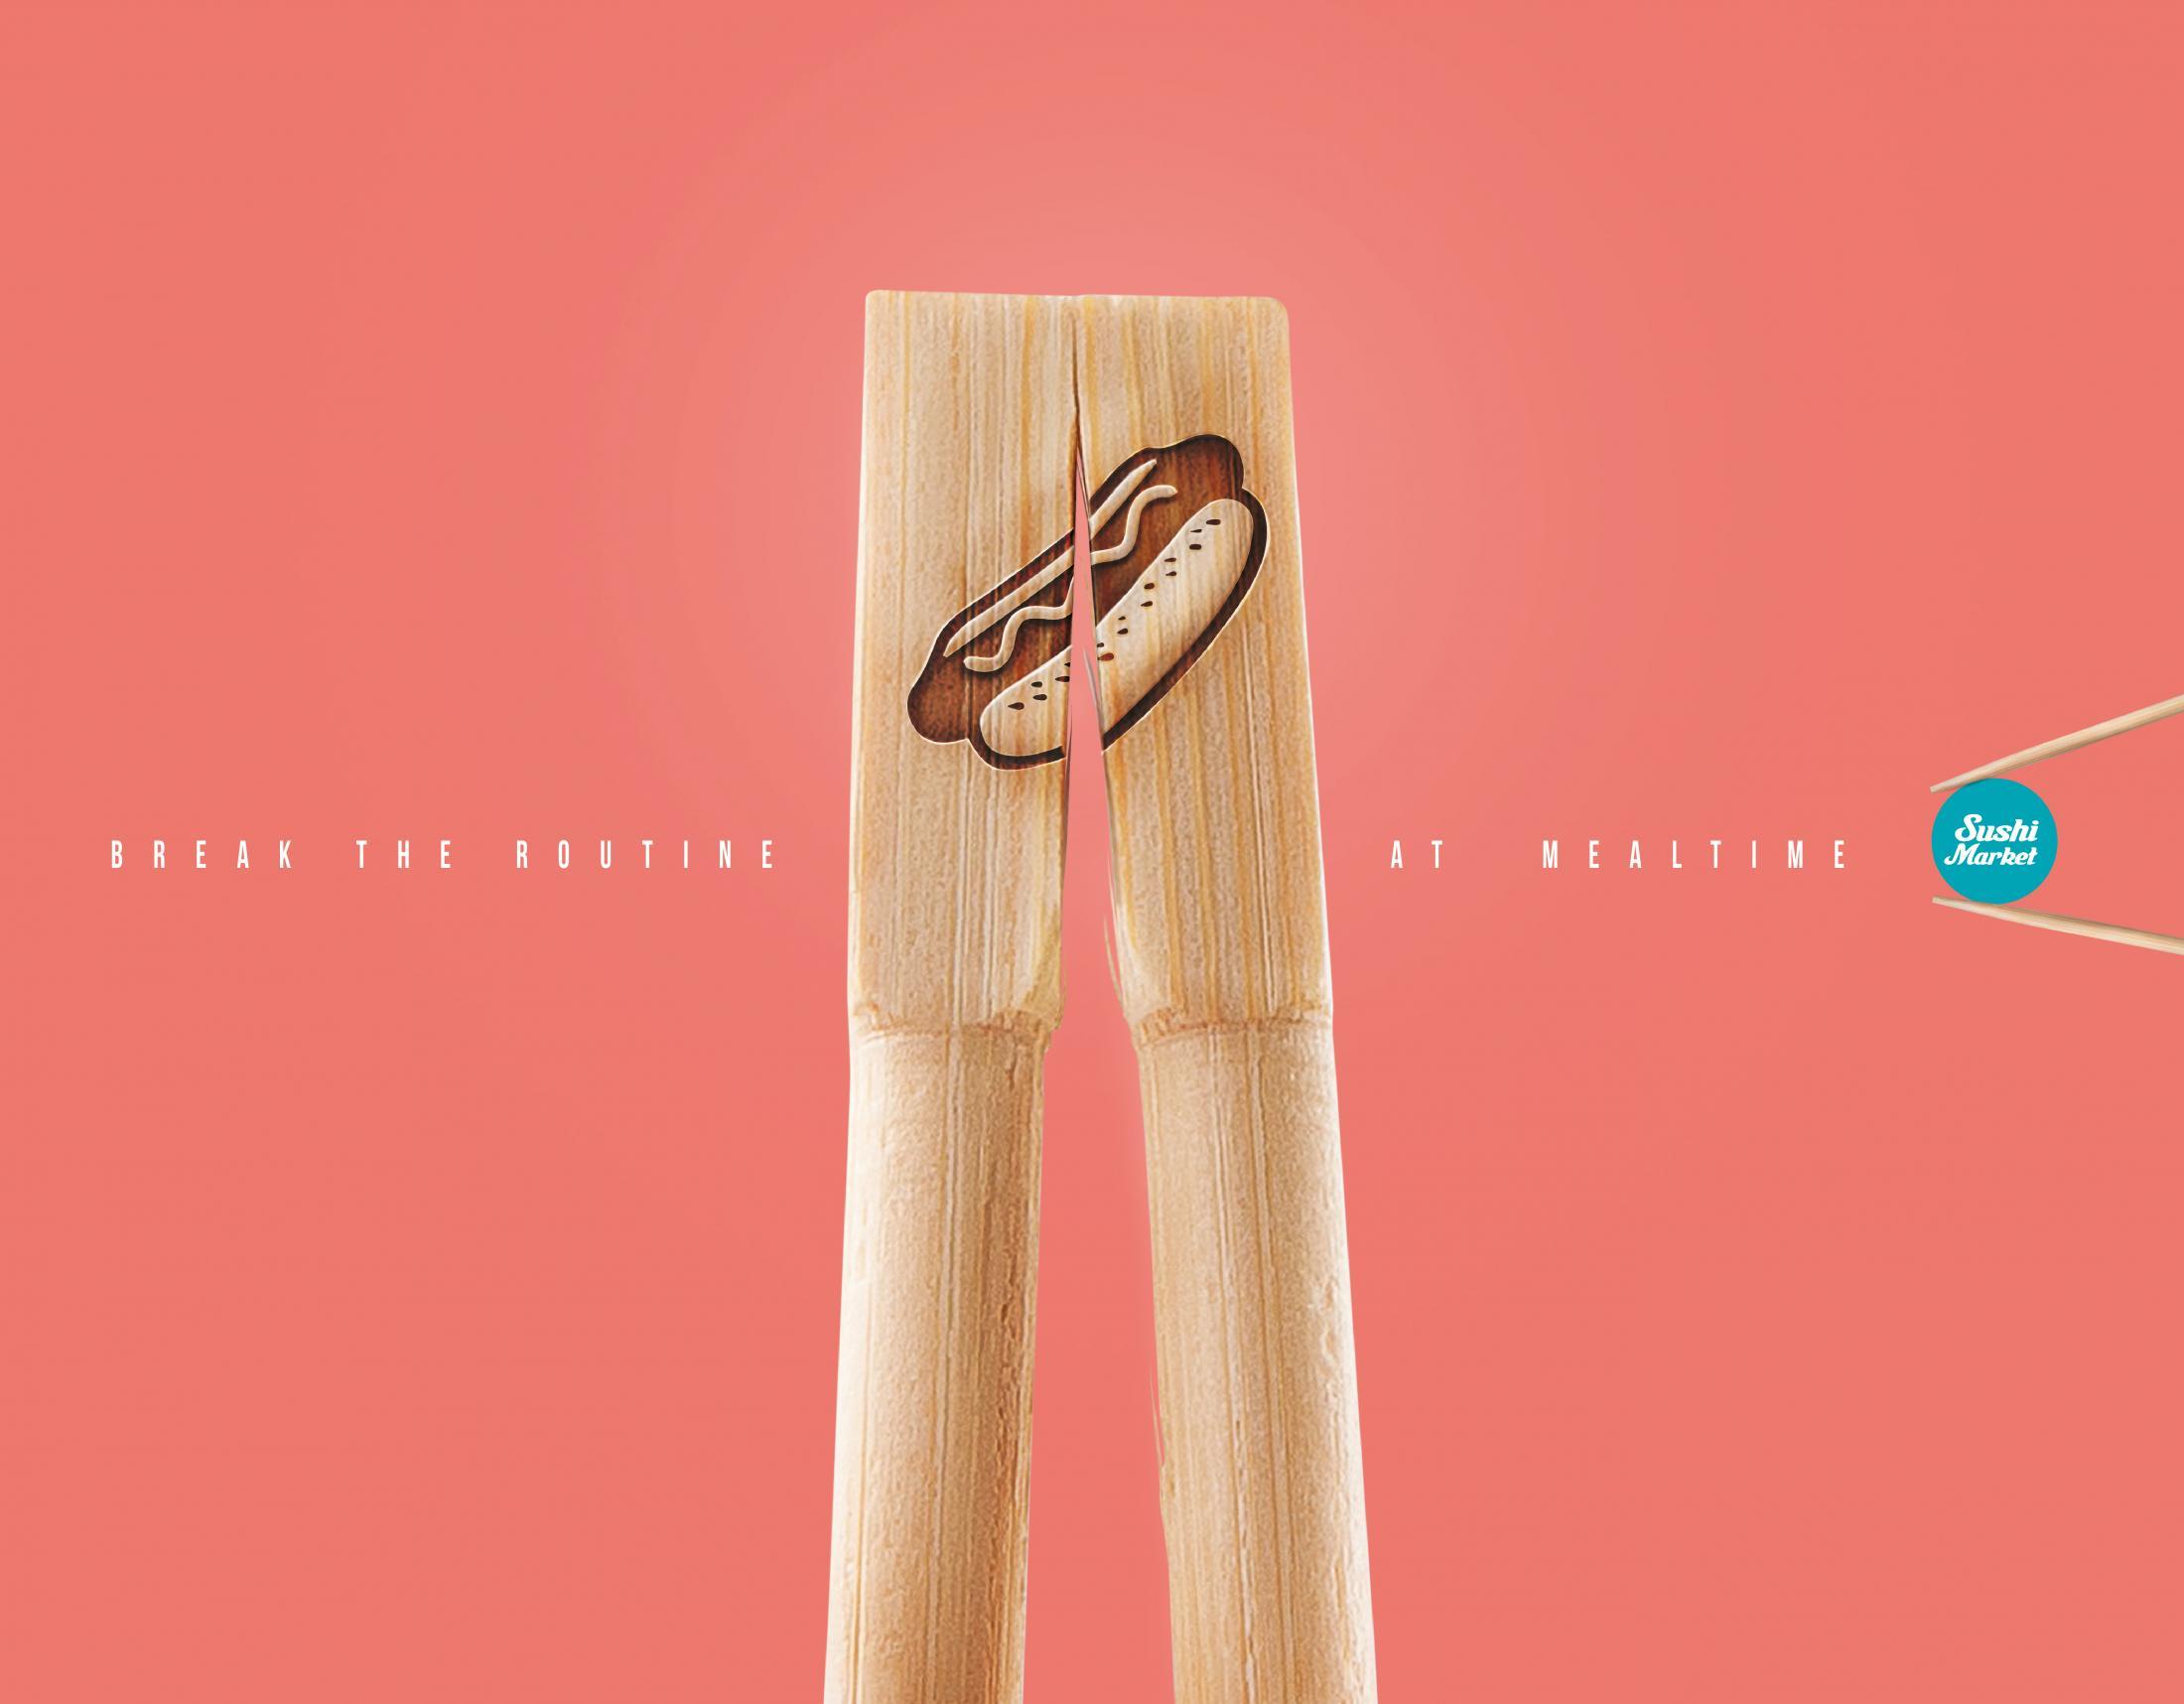 Sushi Market Print Ad - Hot dog